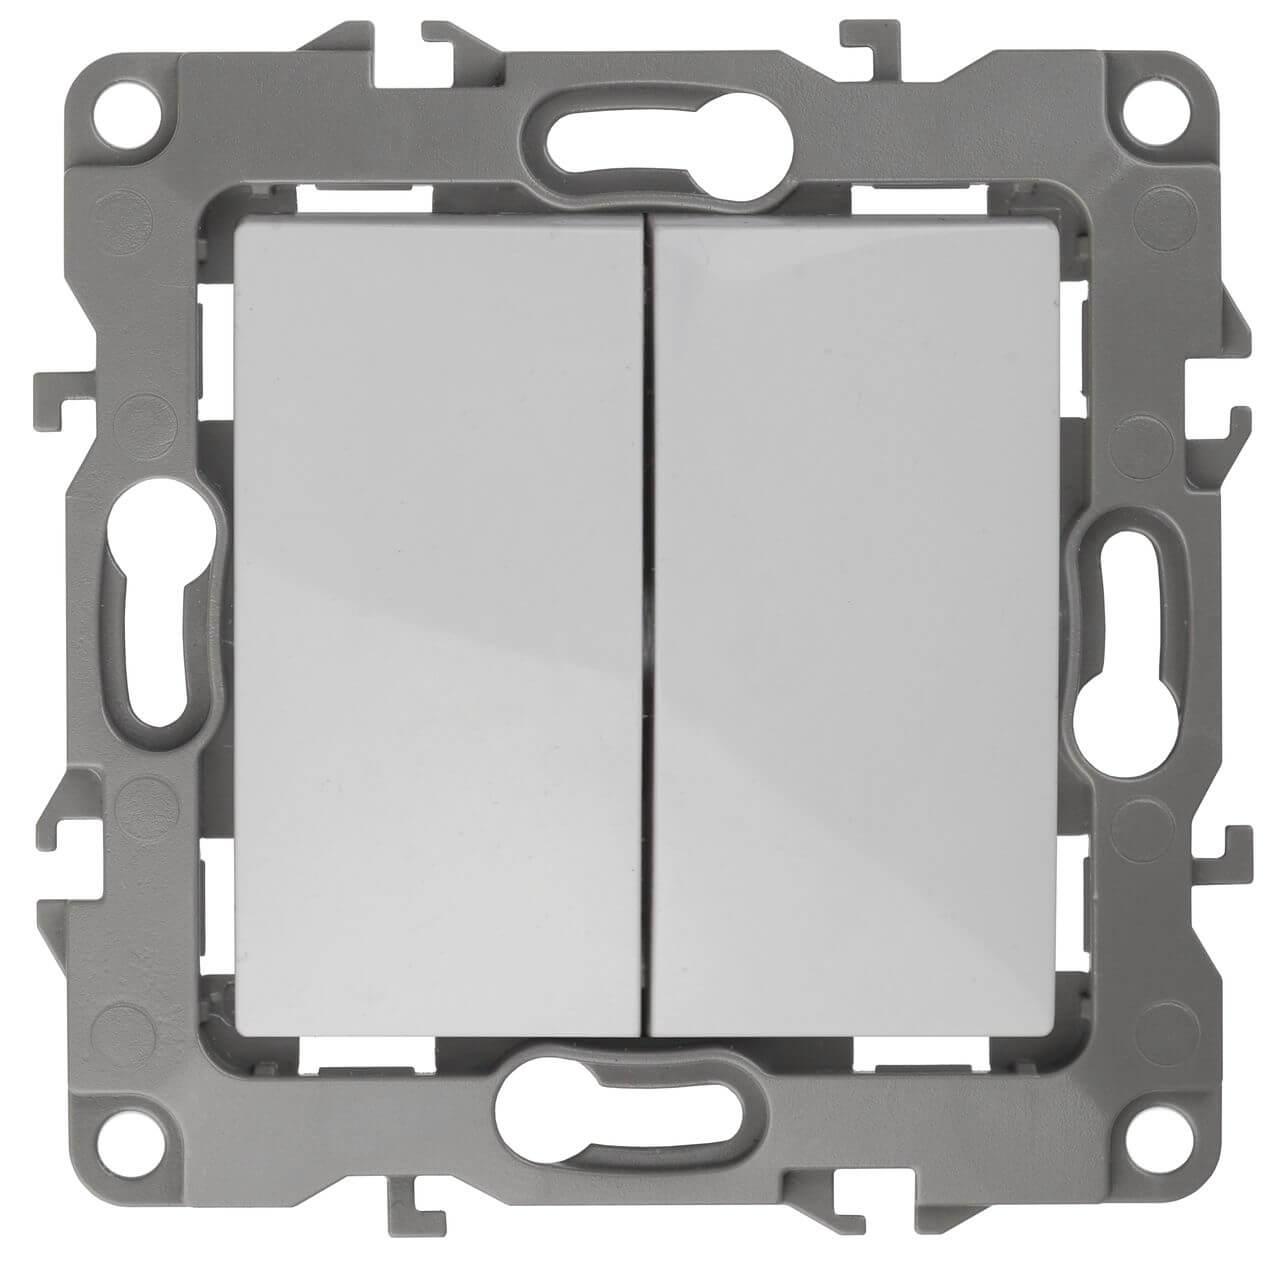 Выключатель двухклавишный ЭРА 12 10AX 250V Al Cu 12А-1004-01